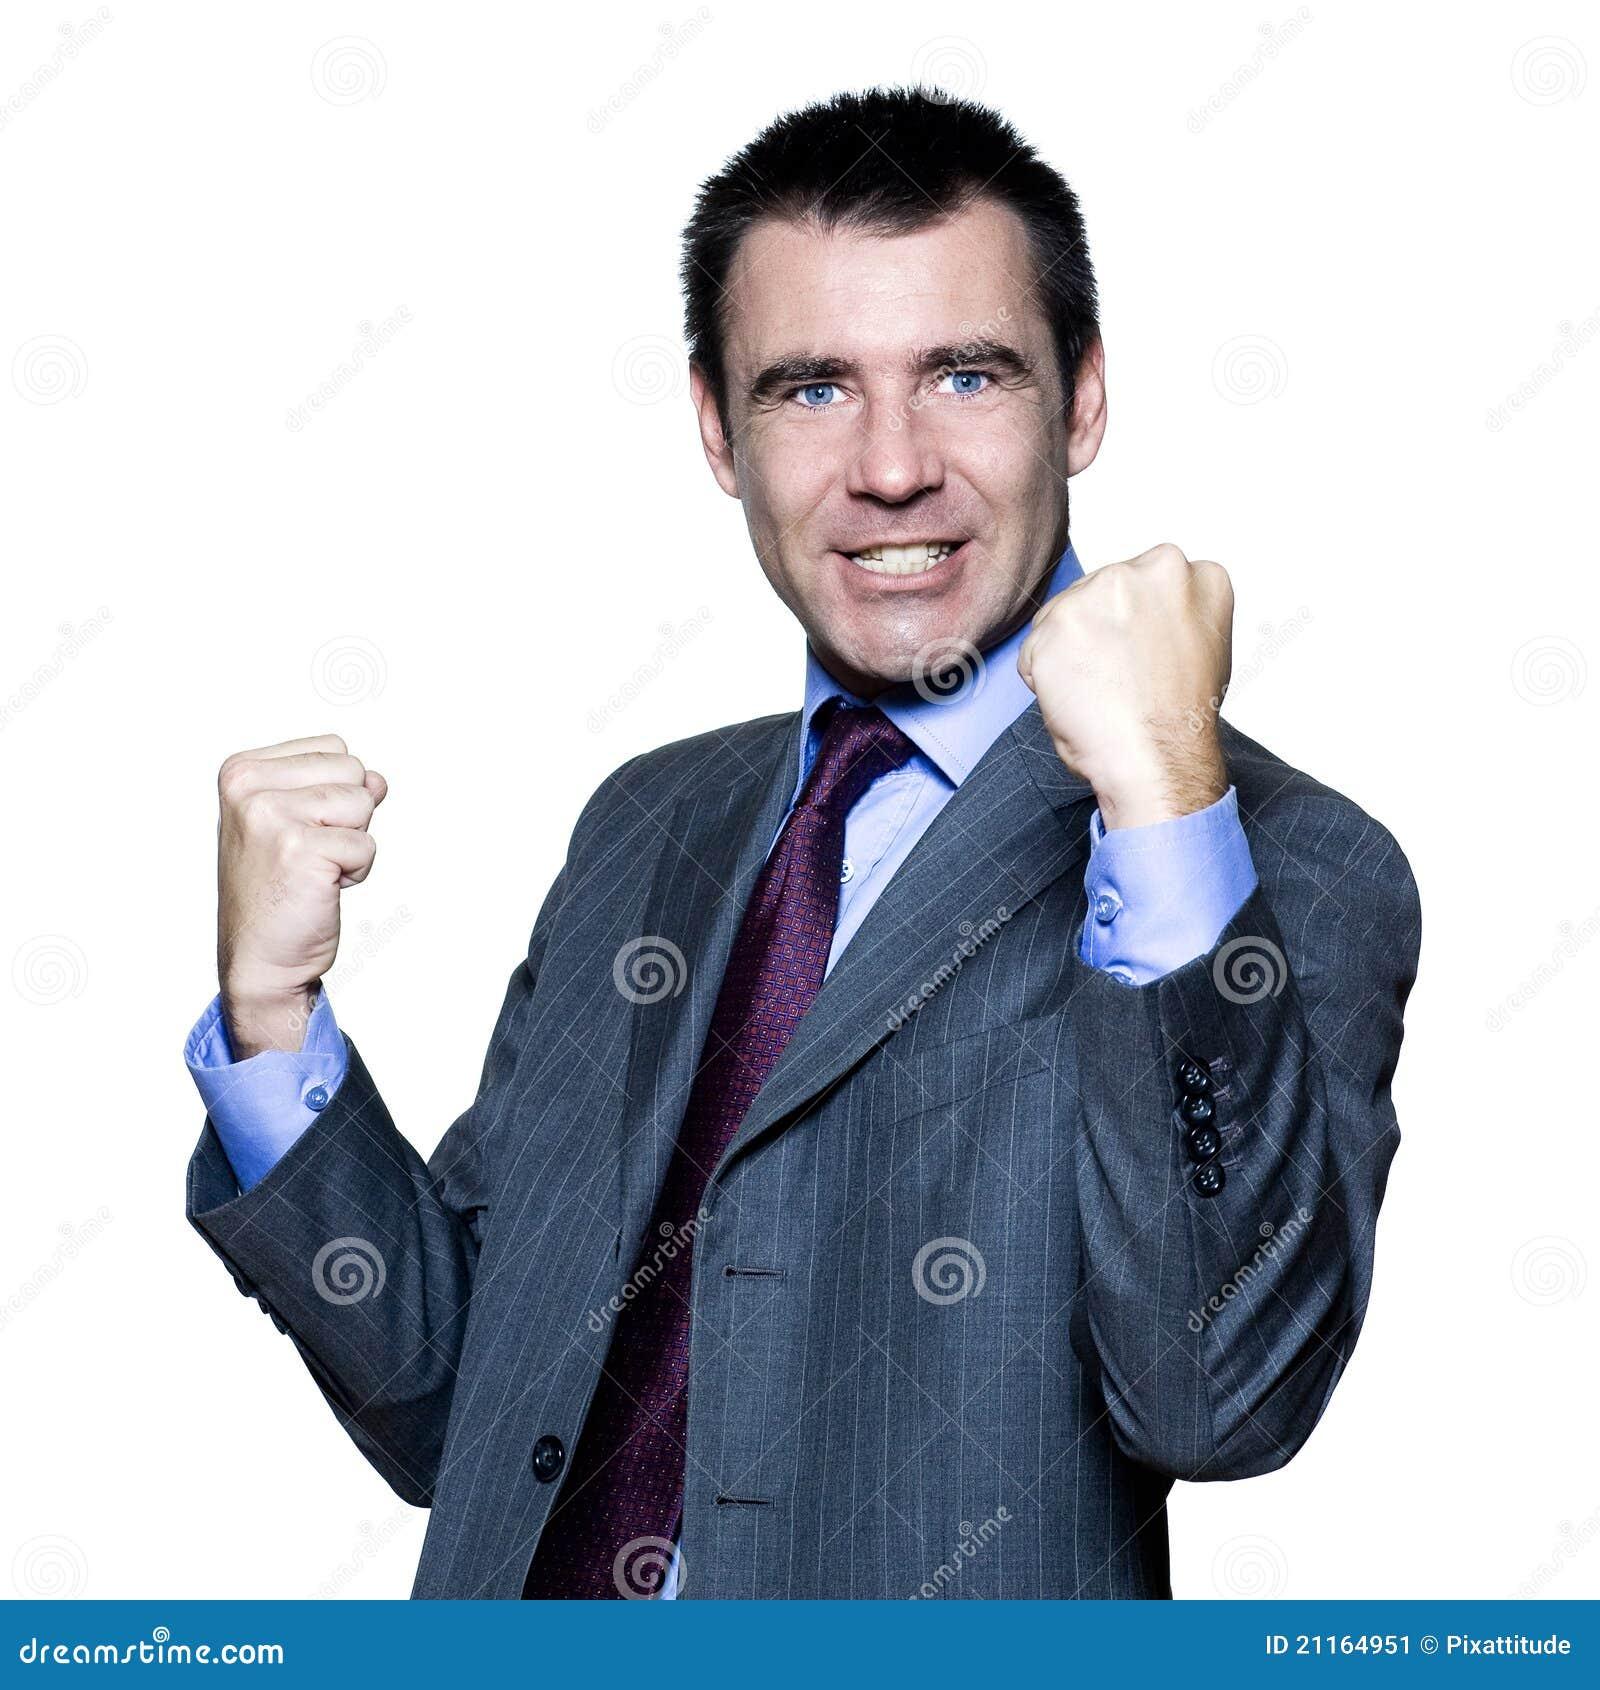 Mężczyzna ekspresyjny przystojny szczęśliwy portret